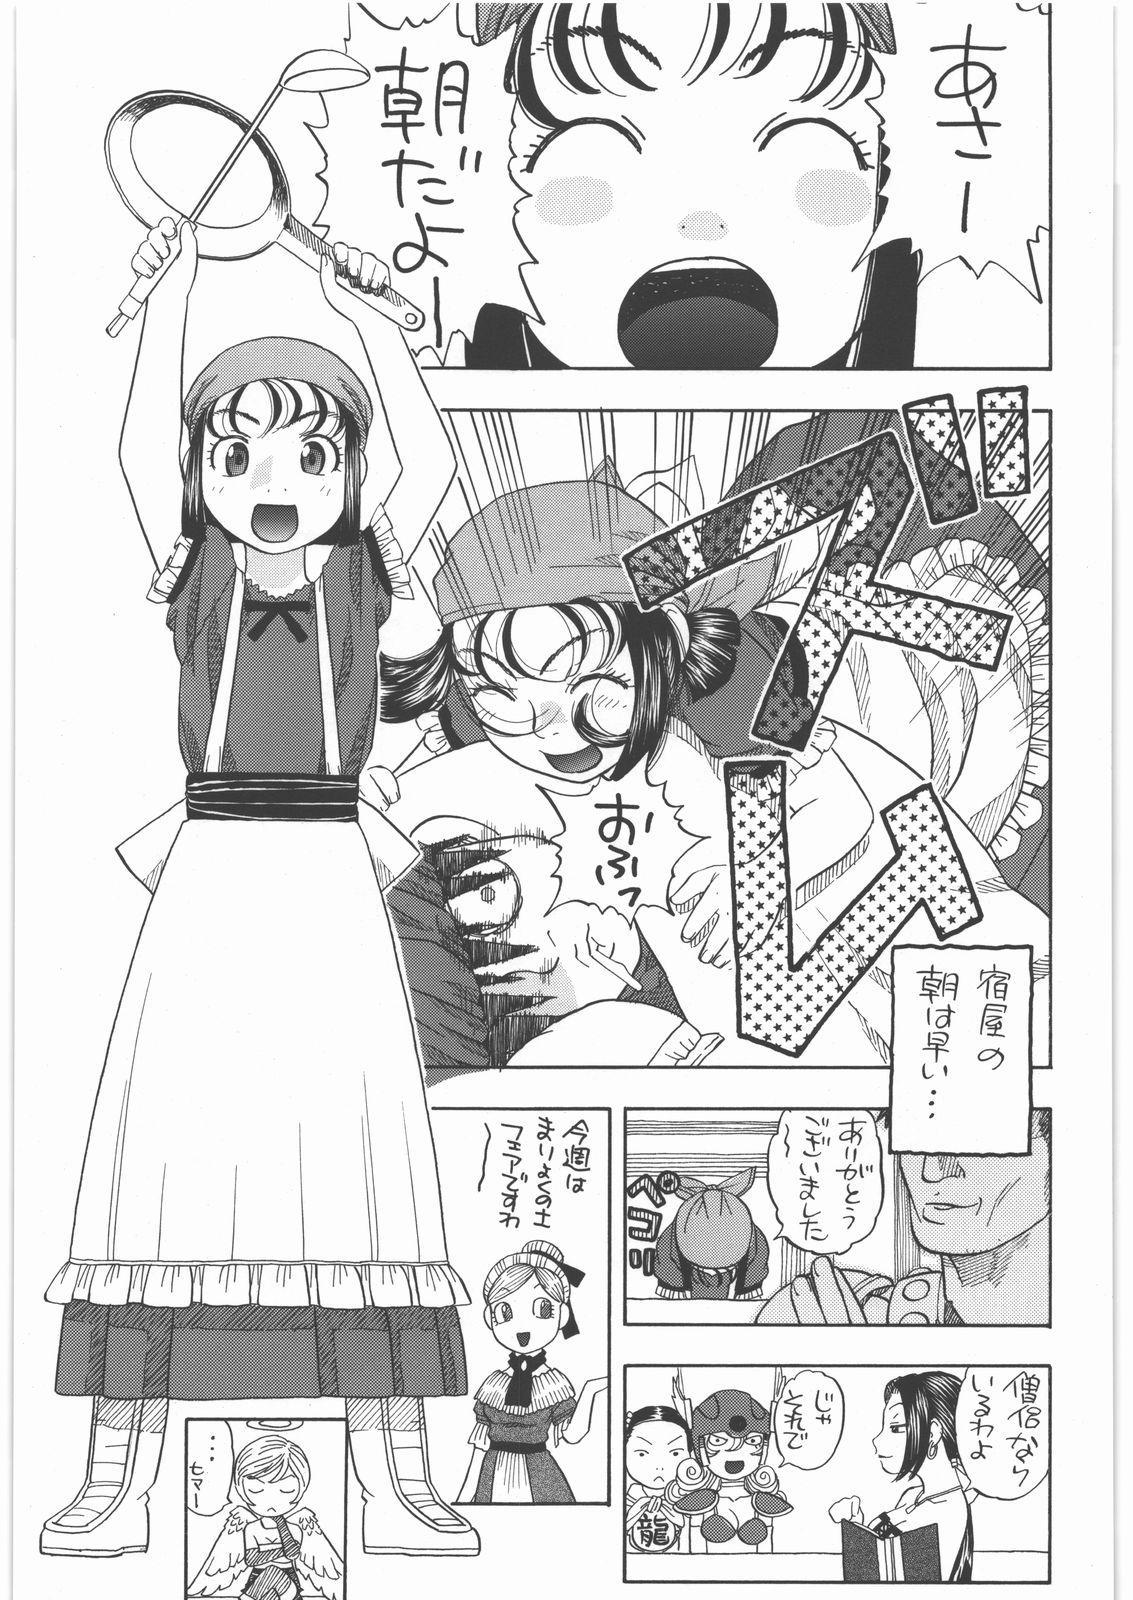 Yadoya no Rikka 3